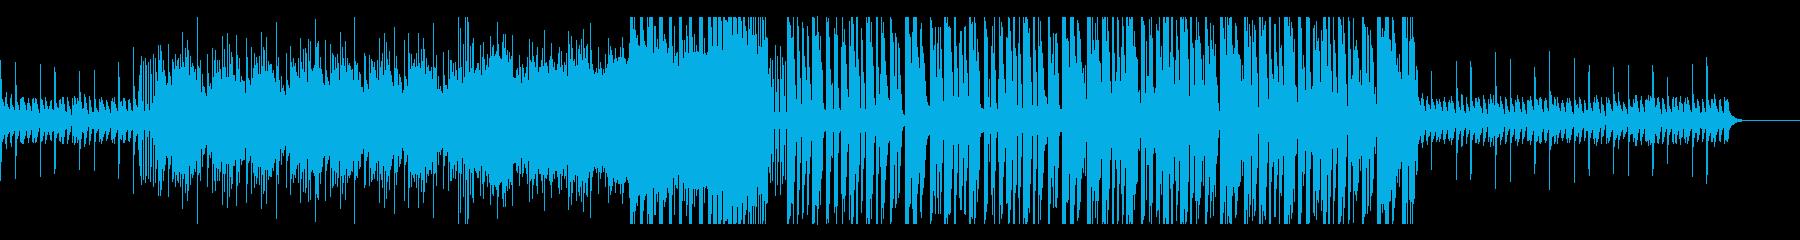 ポップで爽やかFuture Bass bの再生済みの波形